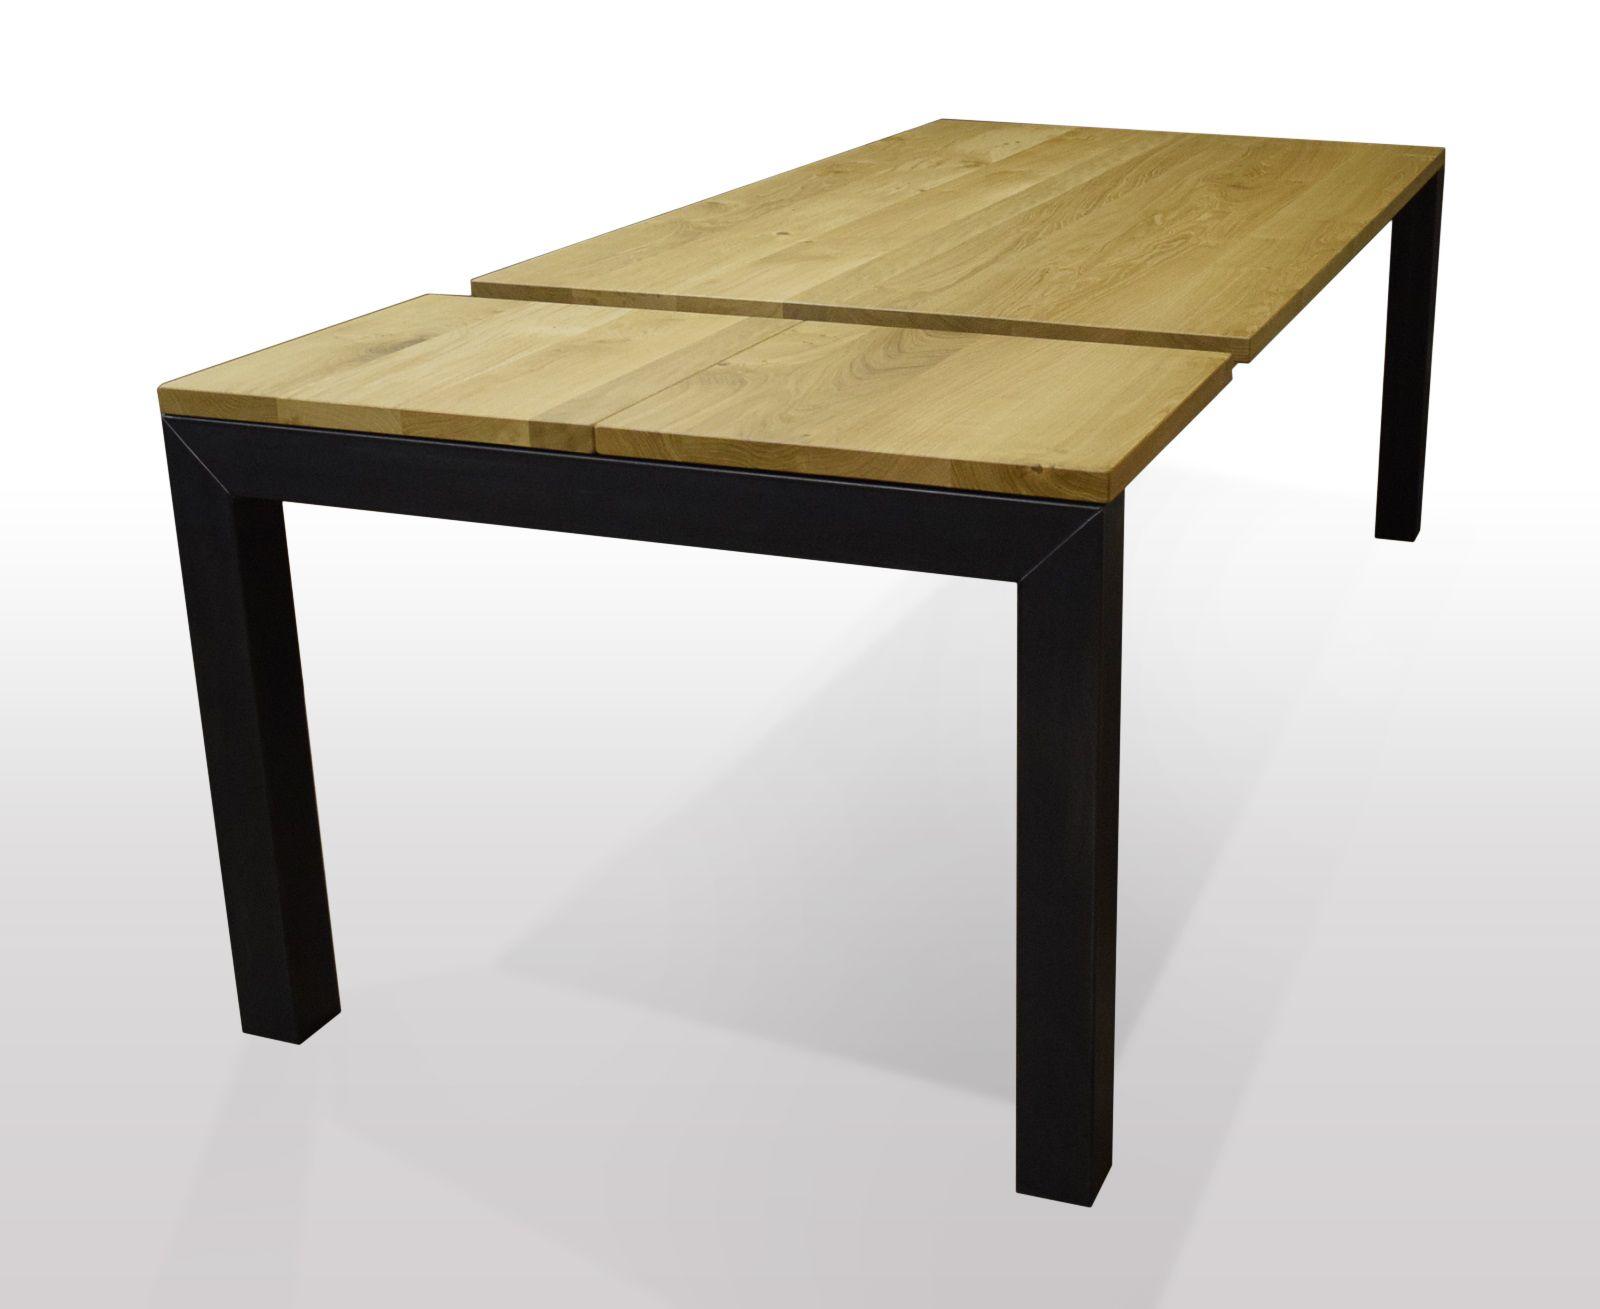 Esstisch Eiche Massiv Ausziehbar Ausfuhrung Cube Mit Schwarzstahl Profil Unter Der Tischplatte Ab Esstisch Eiche Ausziehbar Esstisch Eiche Esstisch Ausziehbar